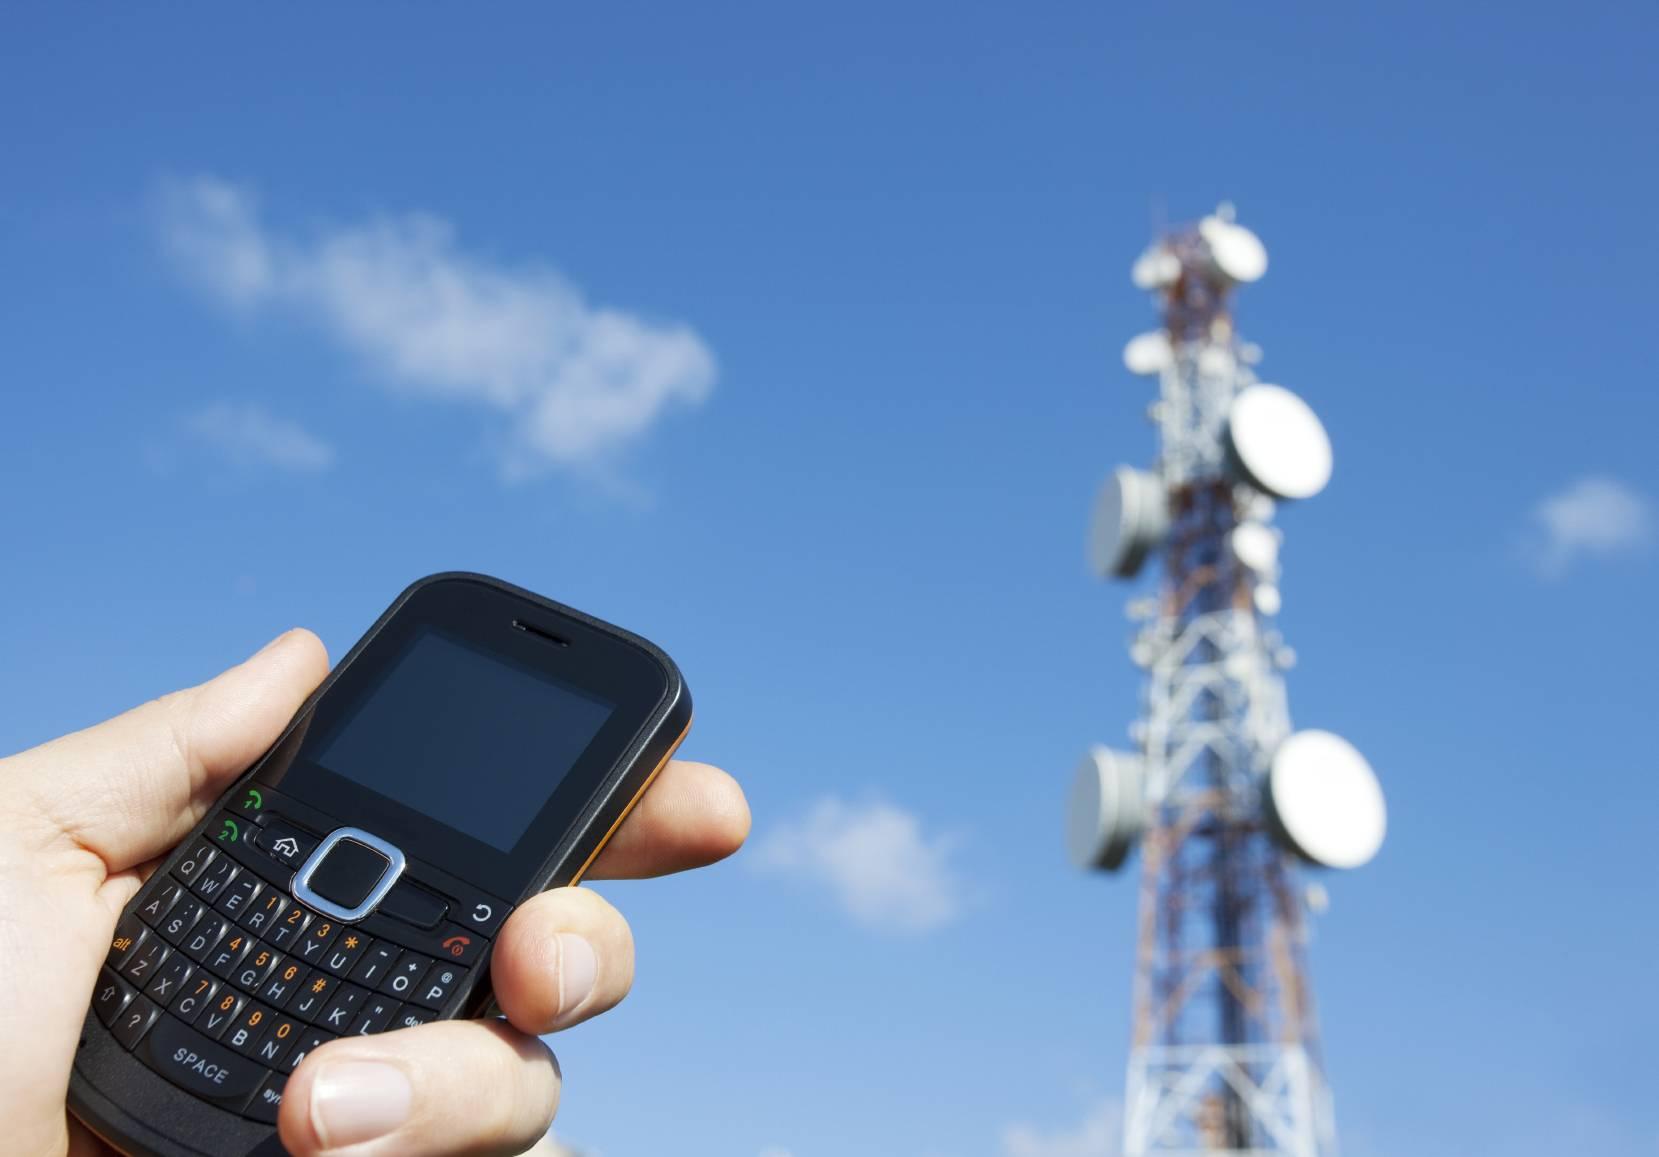 О телефонном коде испании: как позвонить по городскому и мобильному телефону)